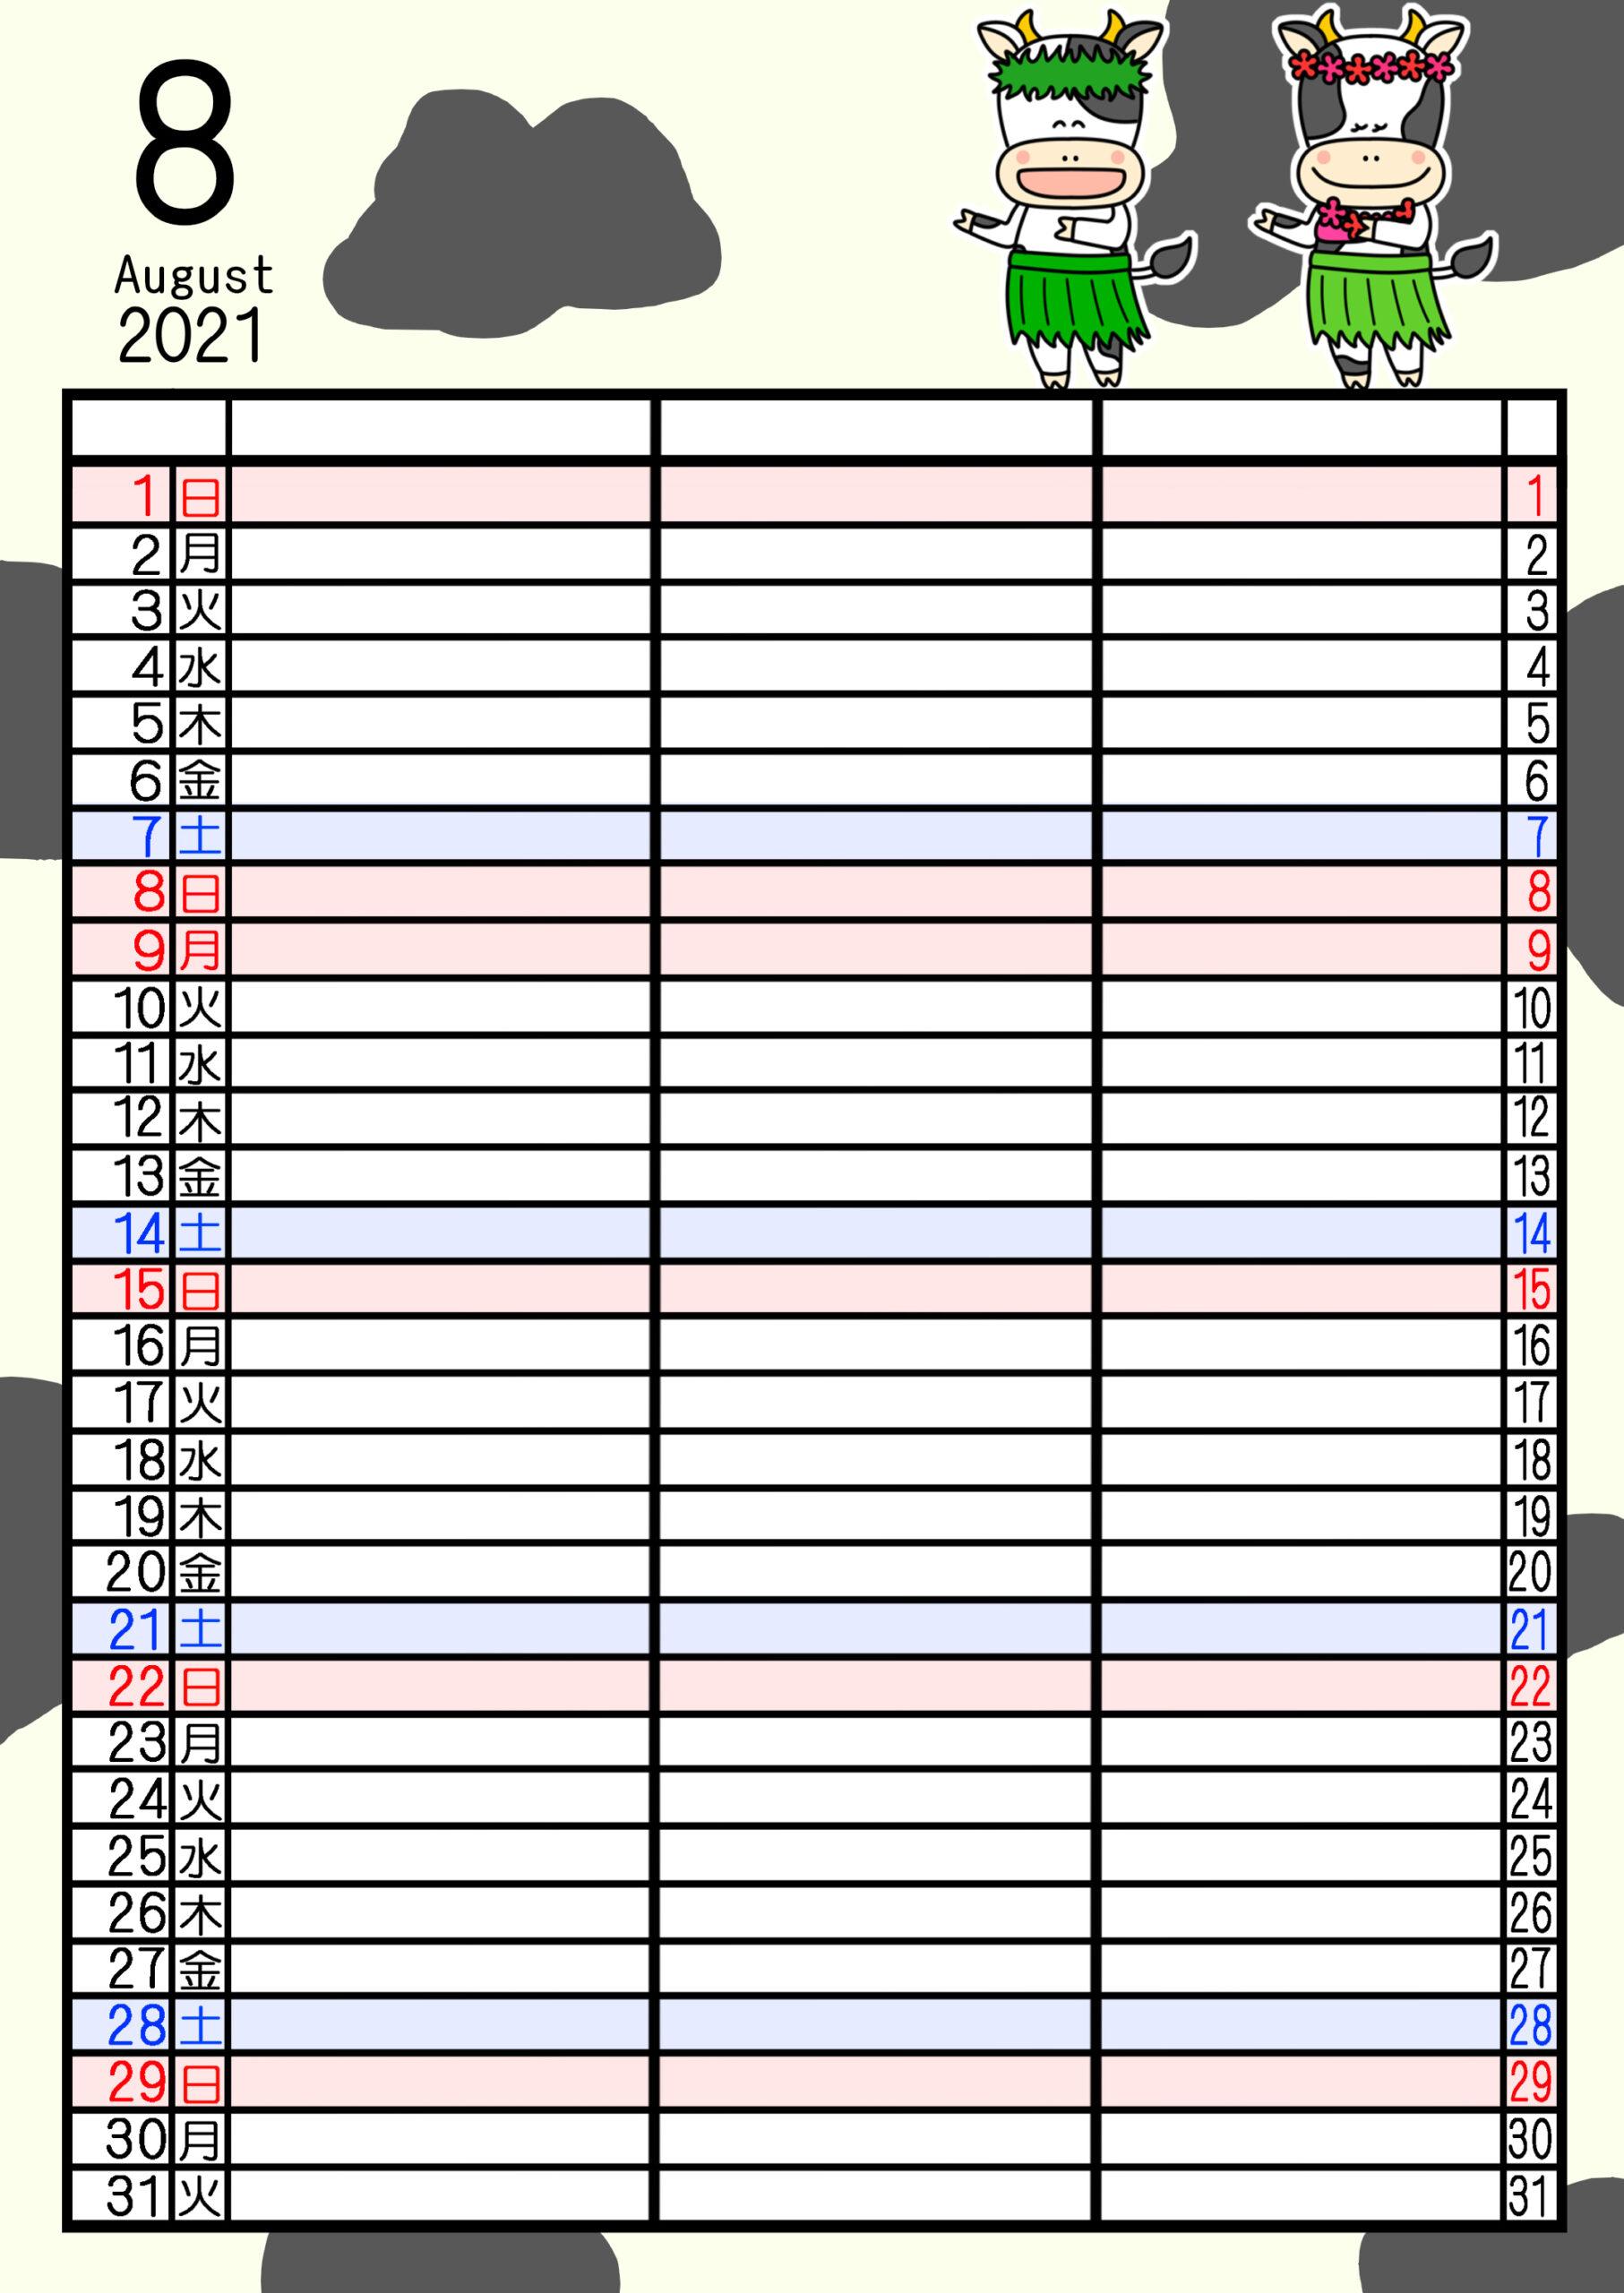 2021年家族カレンダー 無料ダウンロード 干支 動物 3人用 令和3年8月